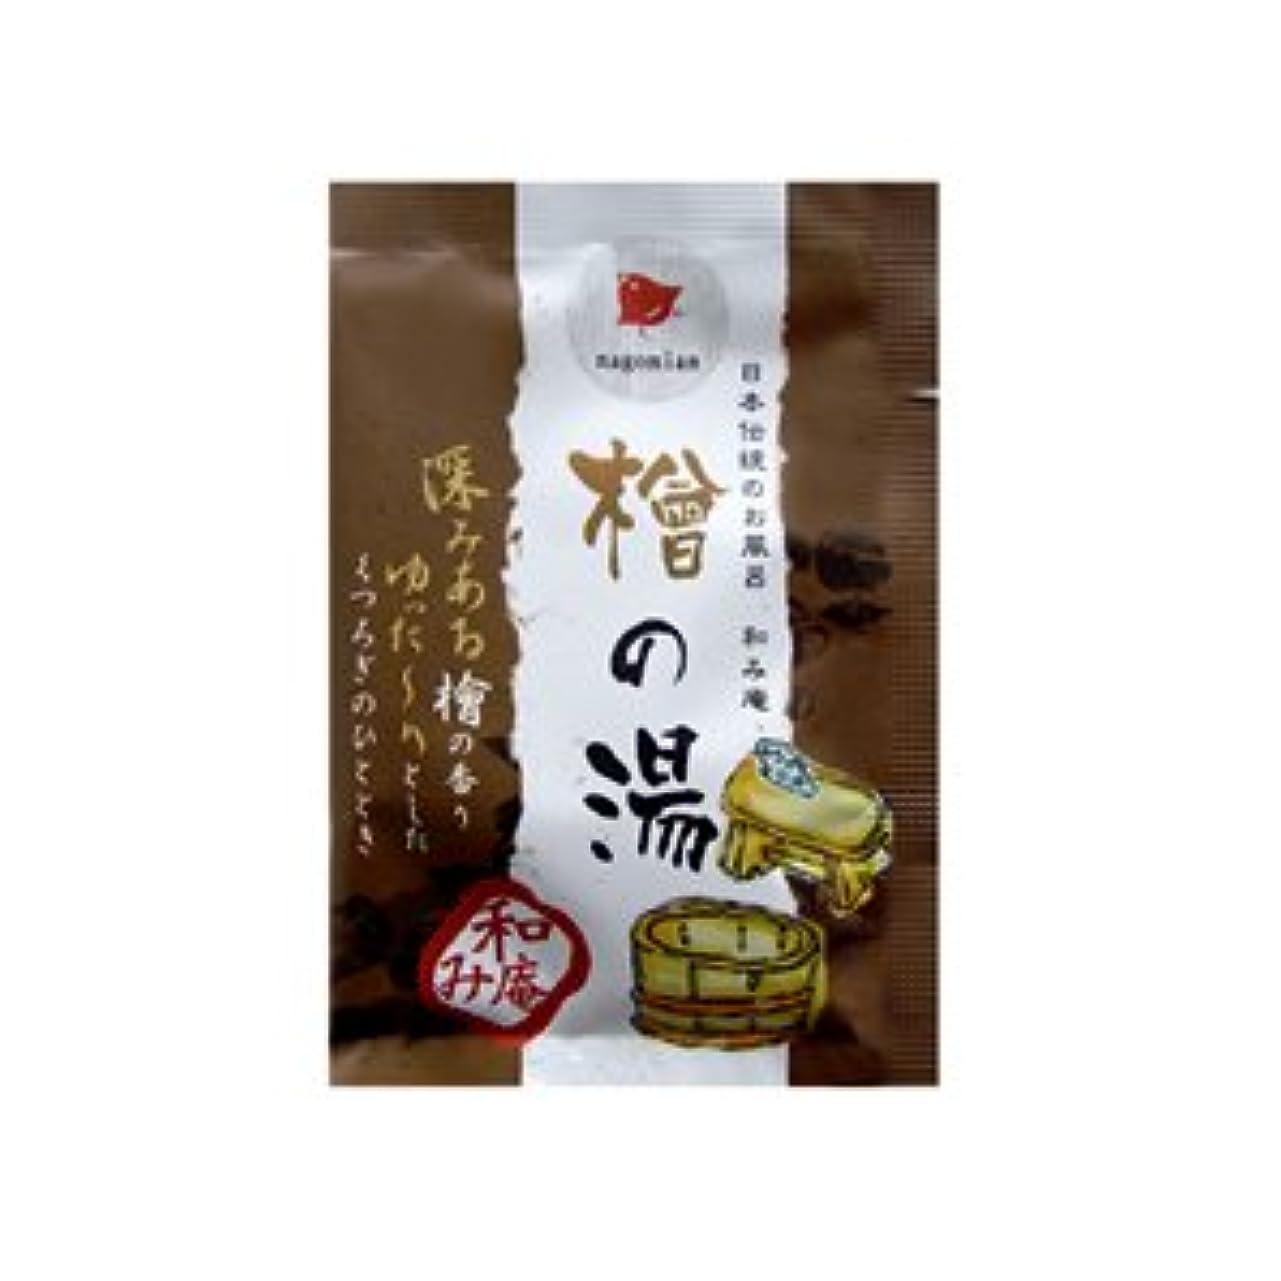 要旨紳士気取りの、きざな奇跡的な日本伝統のお風呂 和み庵 檜の湯 25g 5個セット